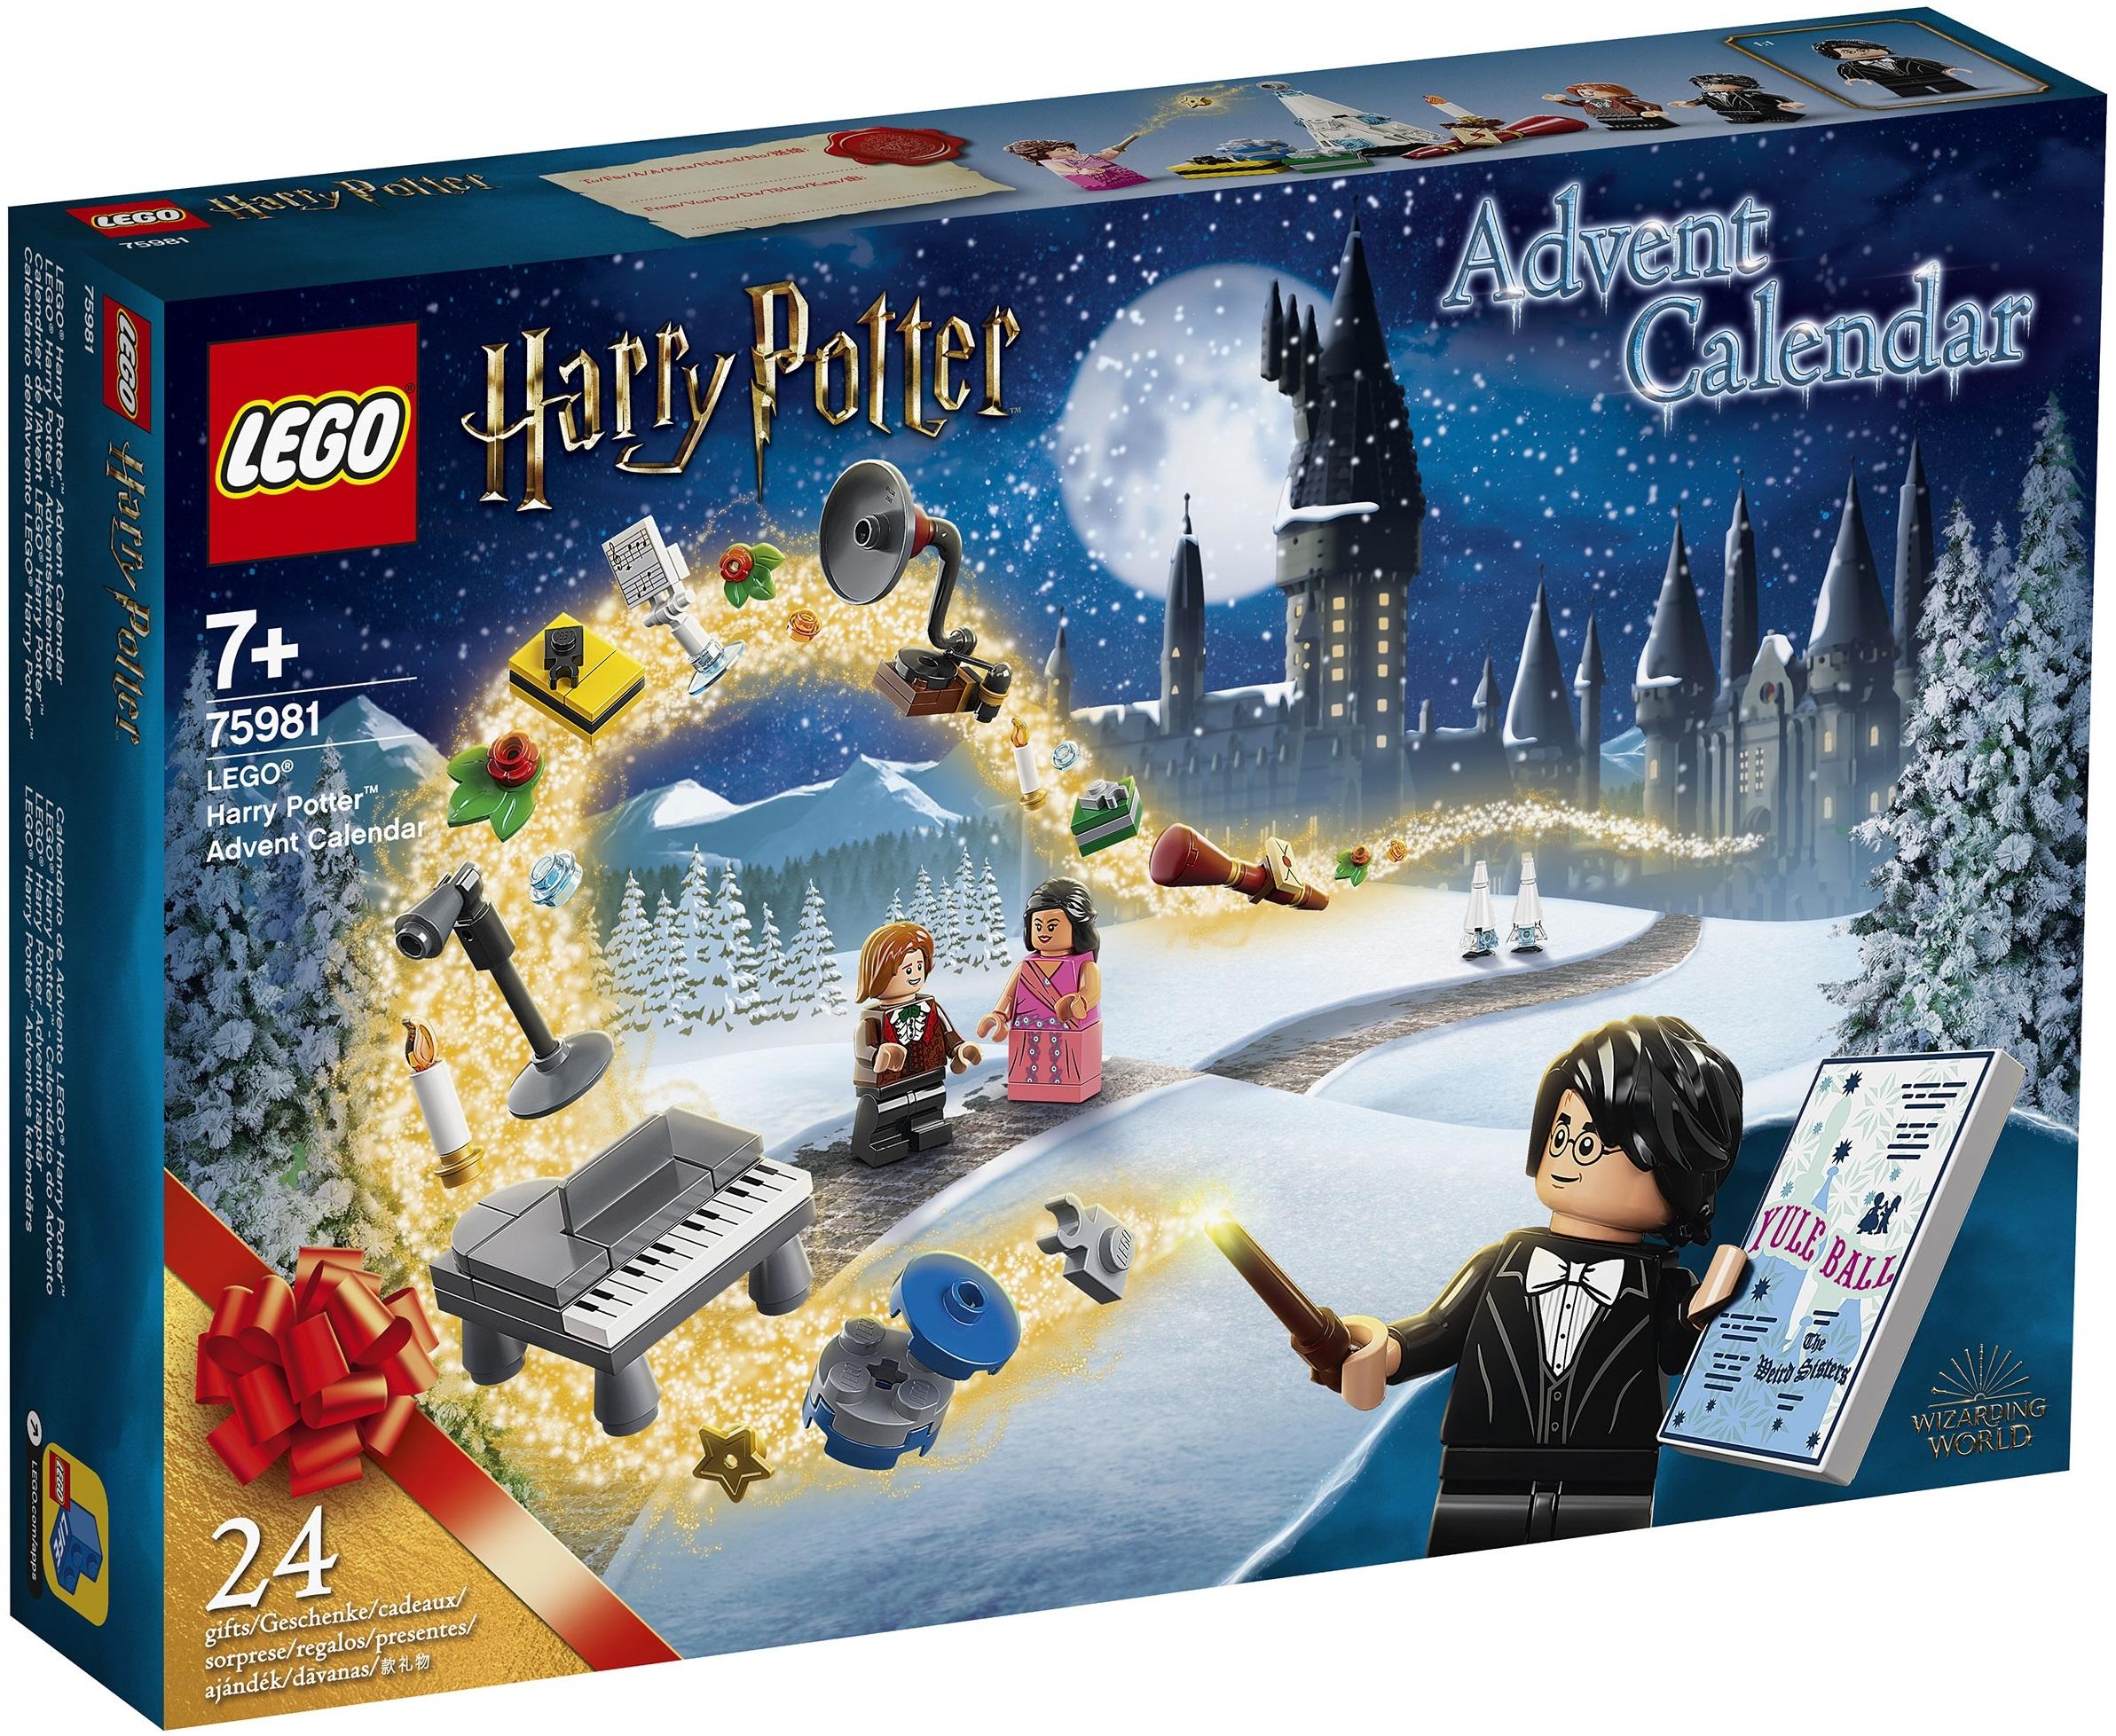 Новогодний календарь Harry Potter